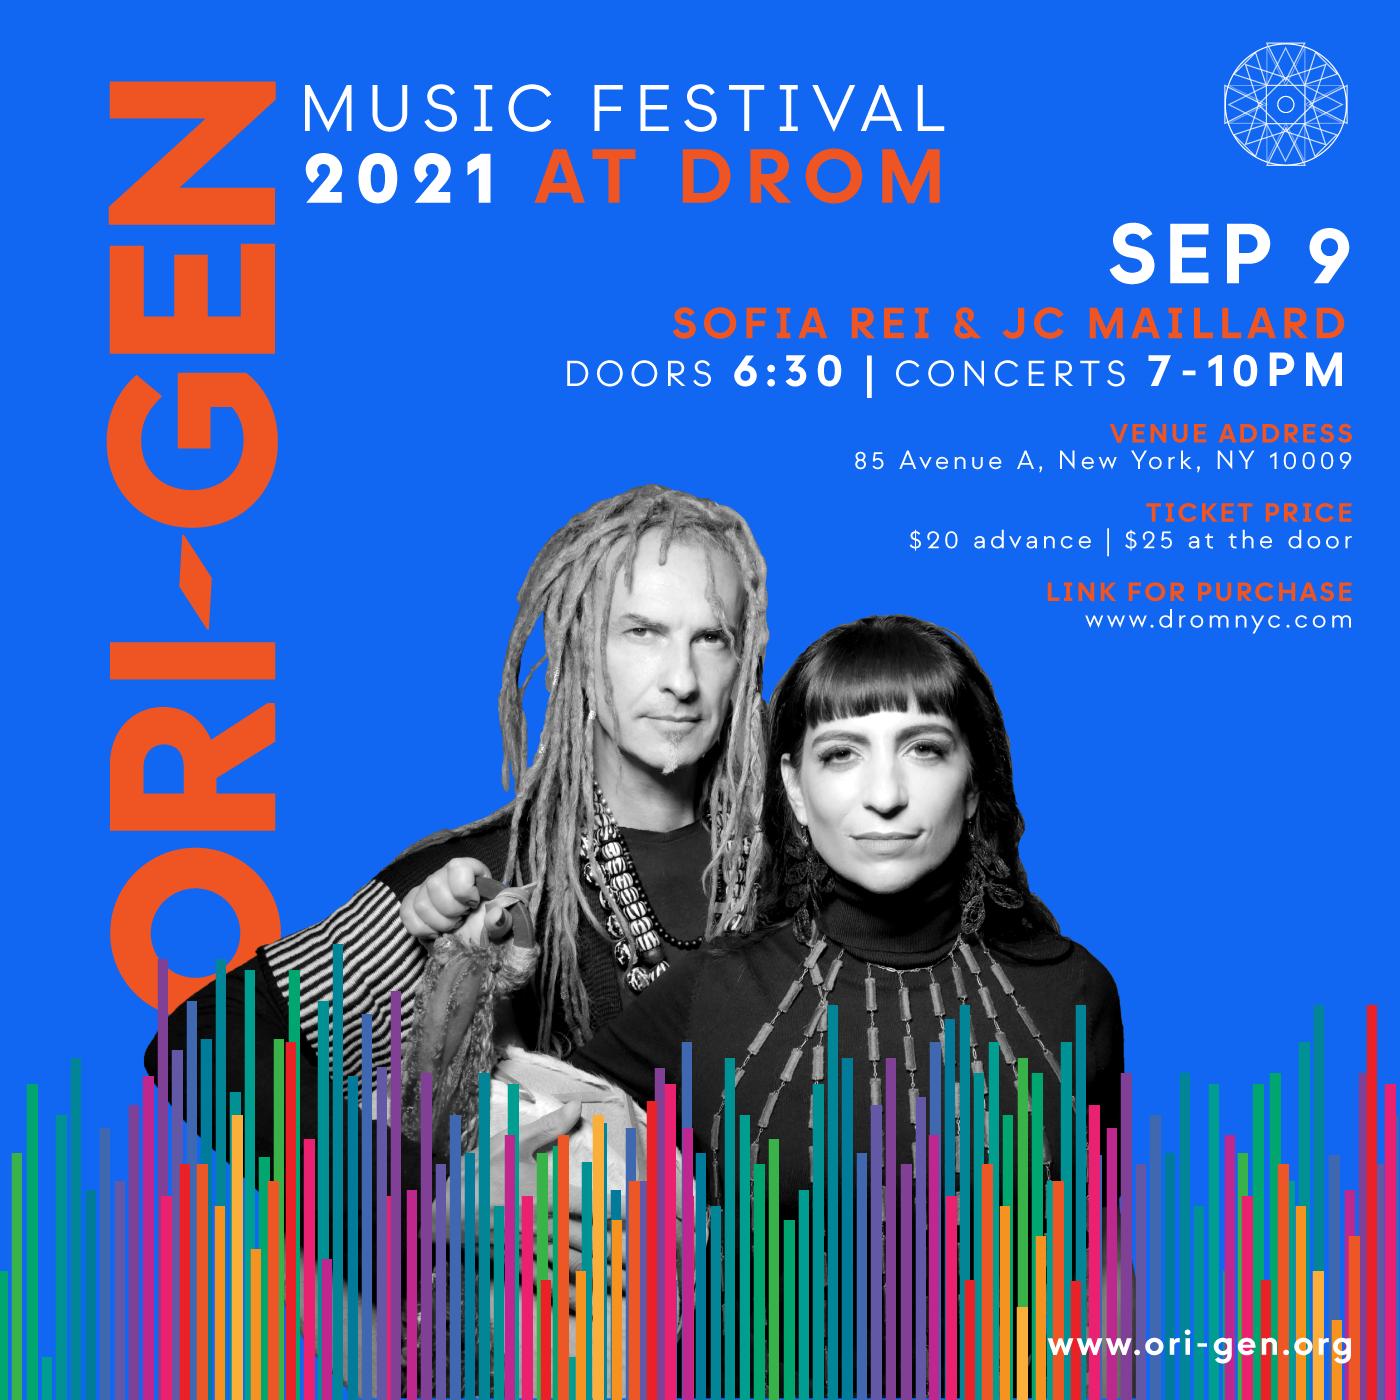 ORI-GEN-MUSICFest2021-FB-IG-SofiaRei